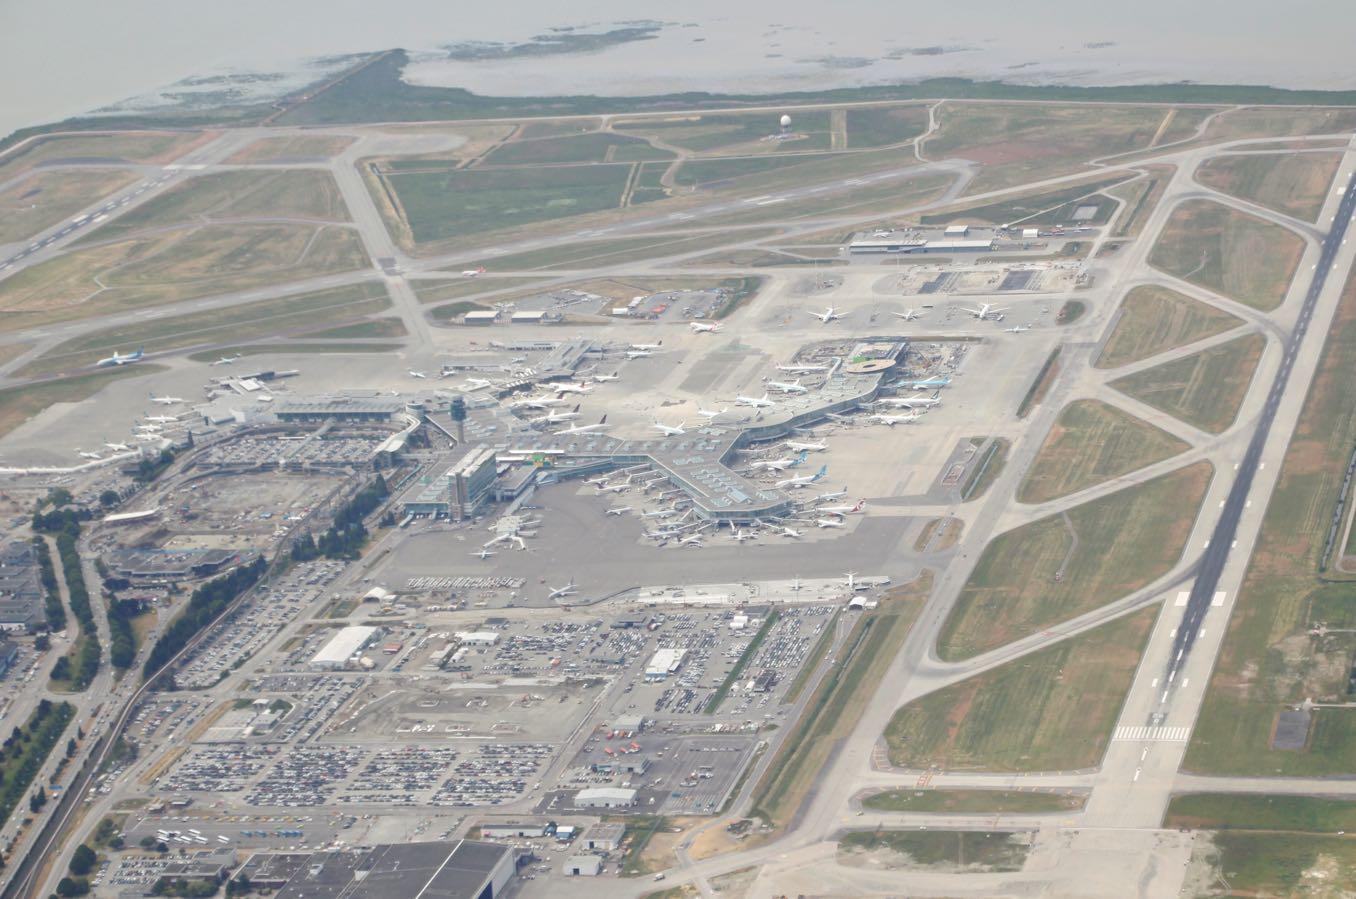 バンクーバー国際空港が見える